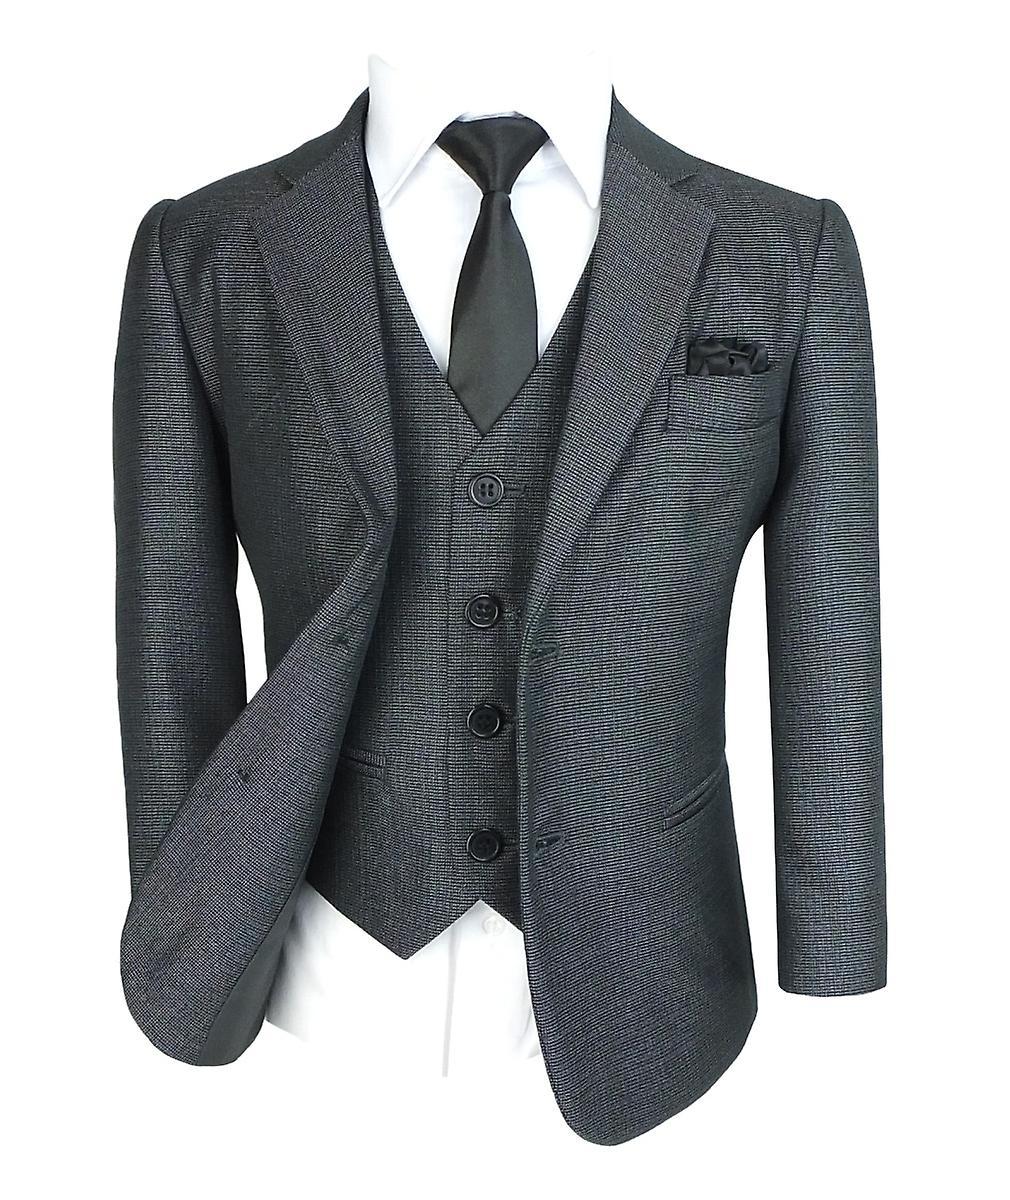 Garçons tous dans un Tonic gris costume